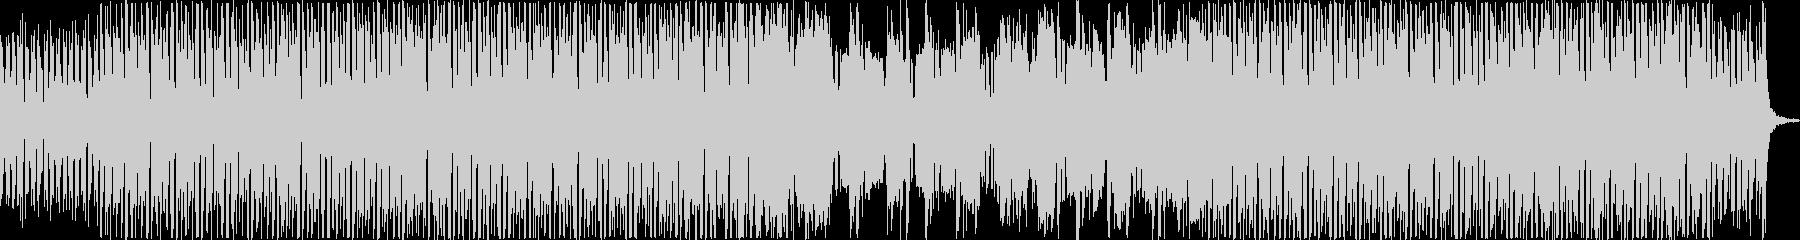 世界の融合/インド/ボリウッドポッ...の未再生の波形